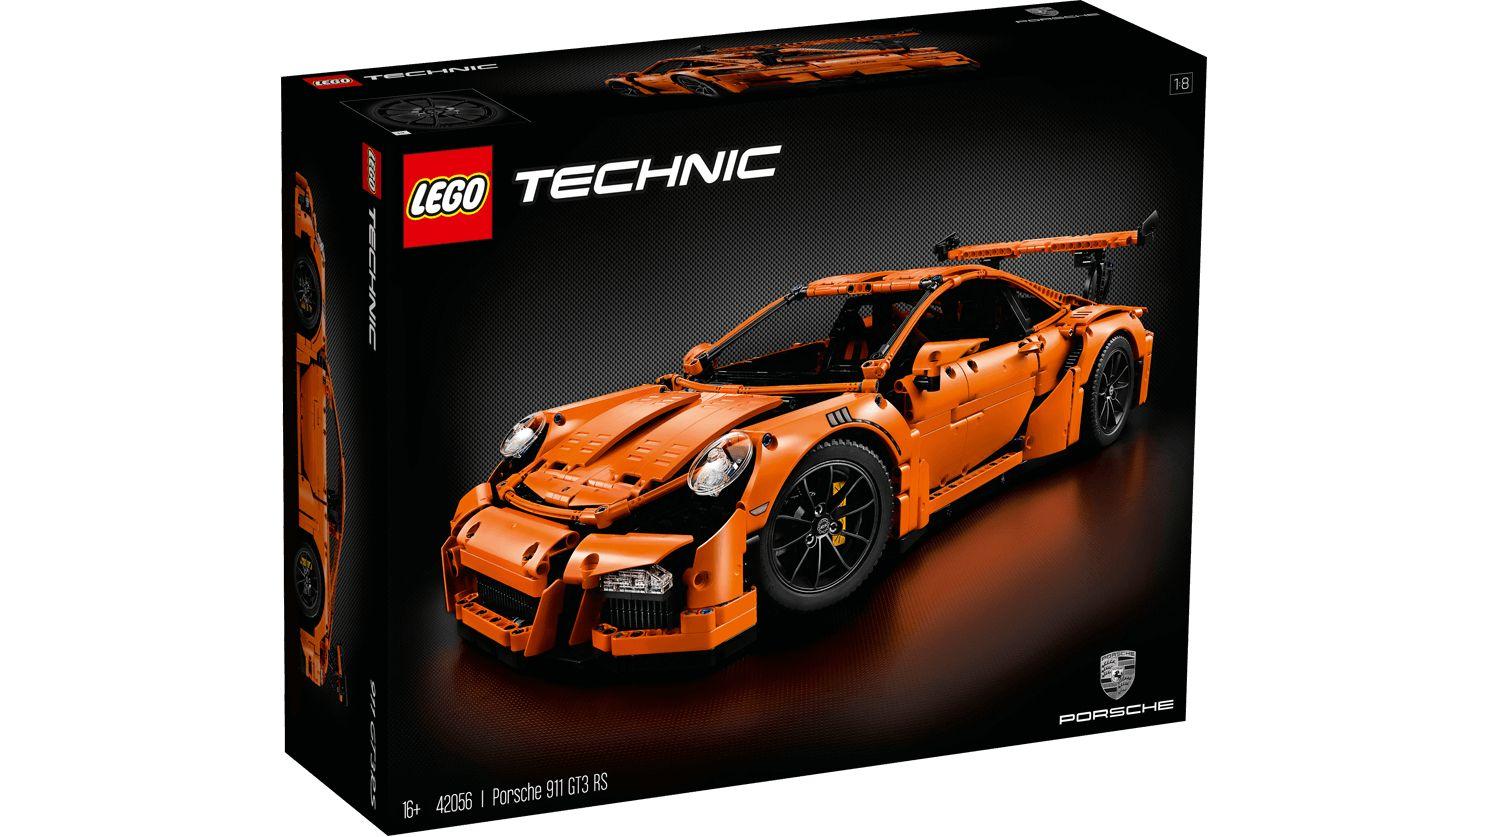 Lego Posch 42056